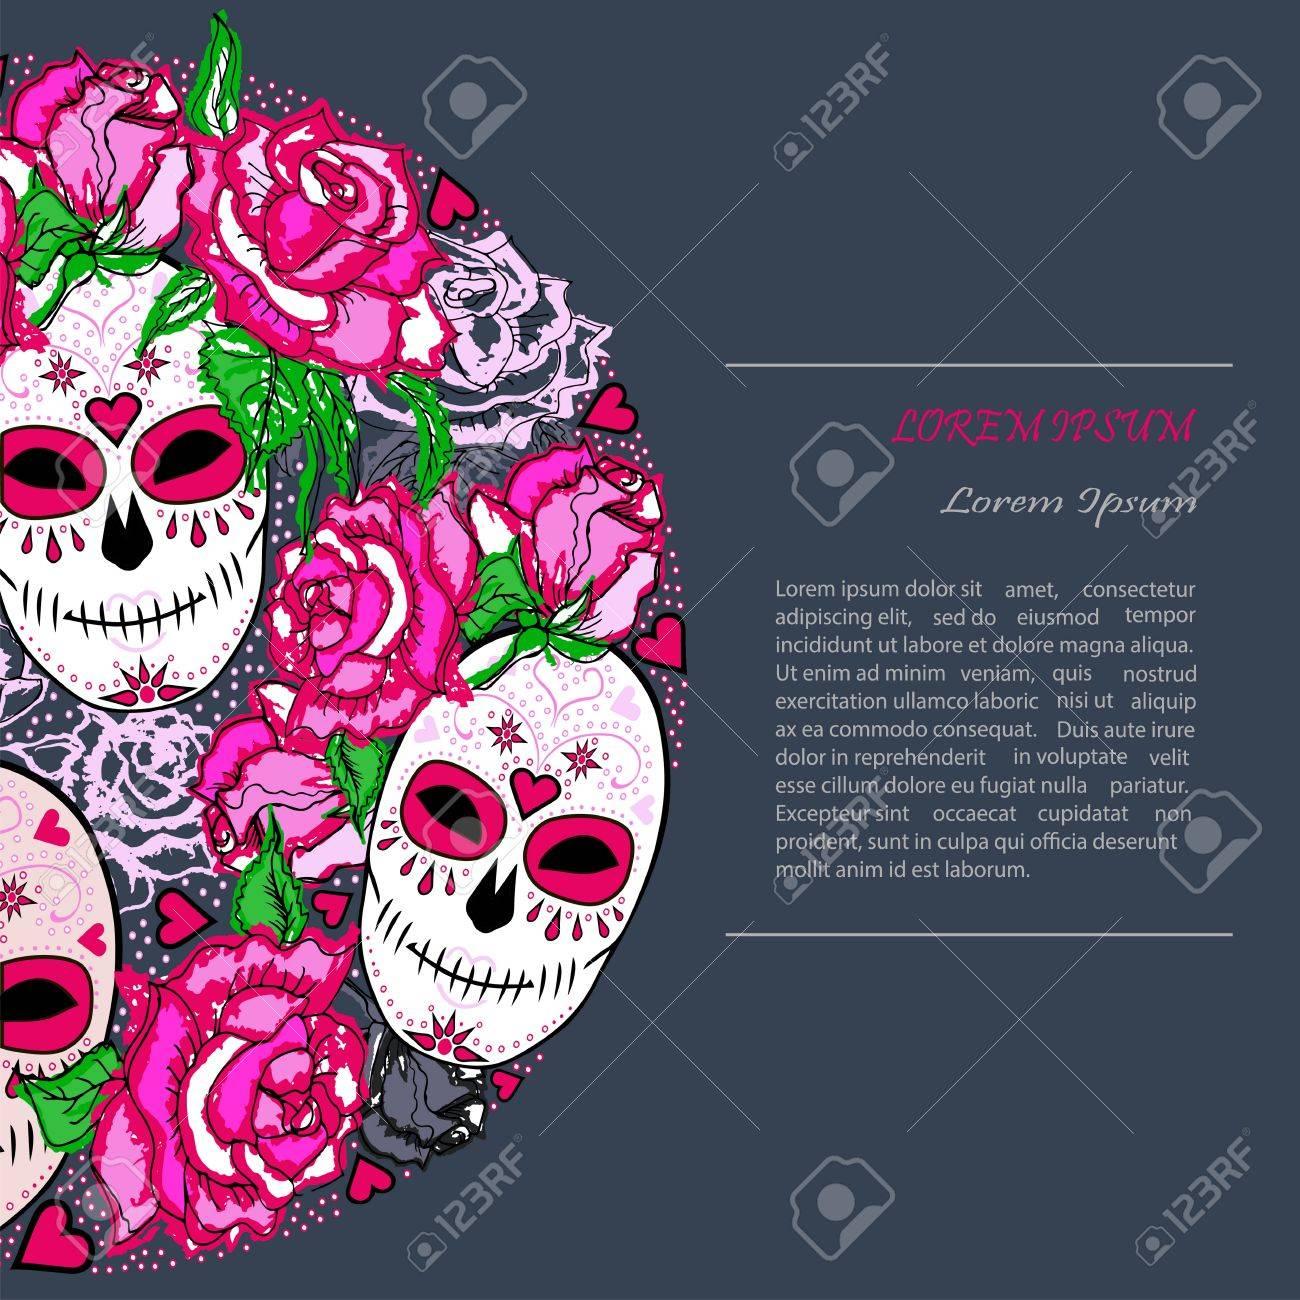 Kreiskonzept Mit Zuckerschädel Und Rosa Rosen. Tag Der Toten (Dia De ...